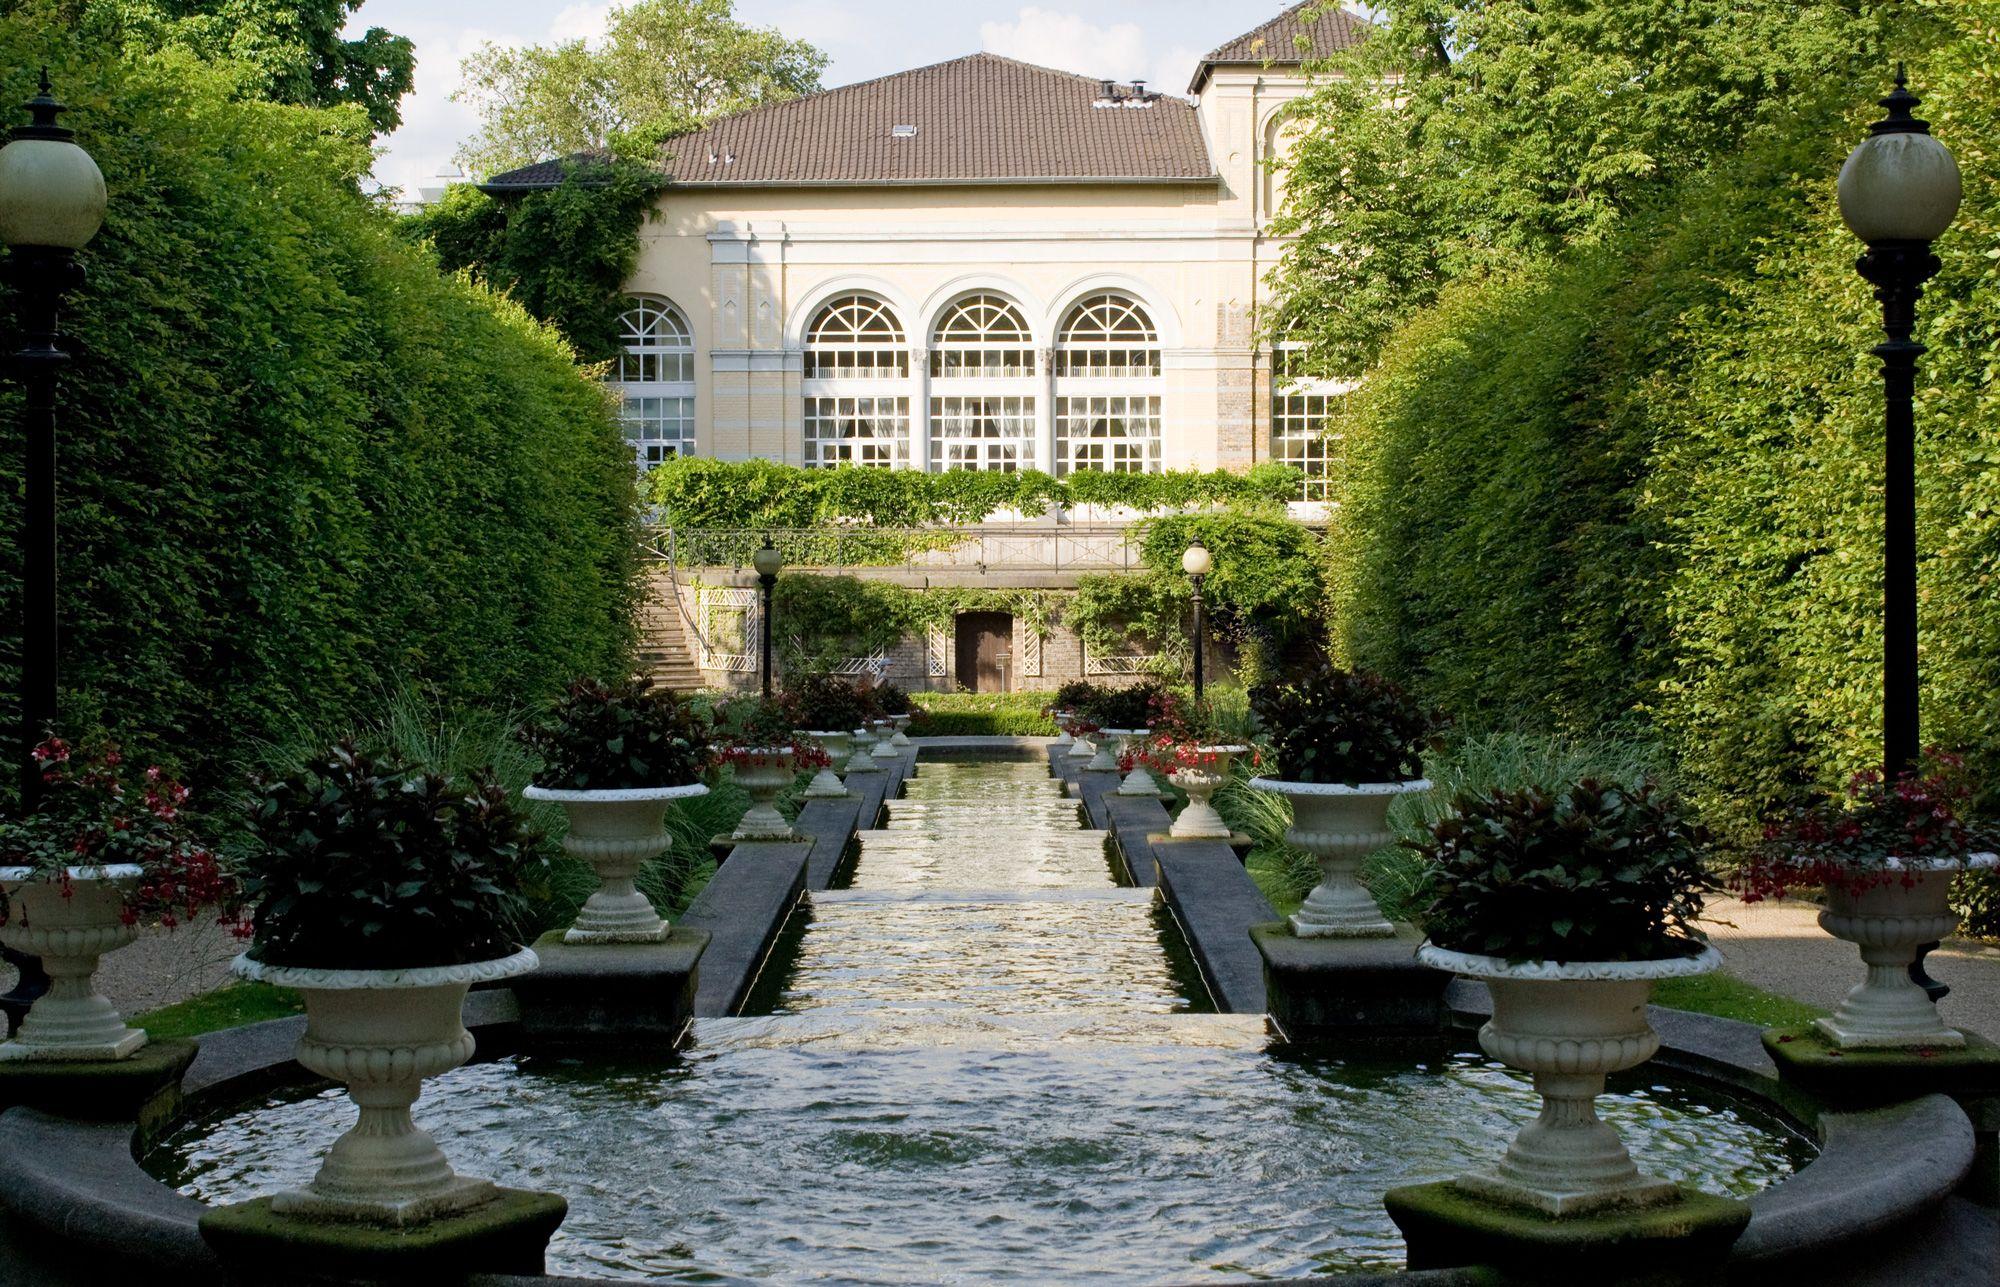 Flora Und Botanischer Garten Koln Botanic Garden In Cologne Thousand Wonders Hausbauen Wohnungeinrichten Innereskind Wohnzimmerideenwandgest House Styles